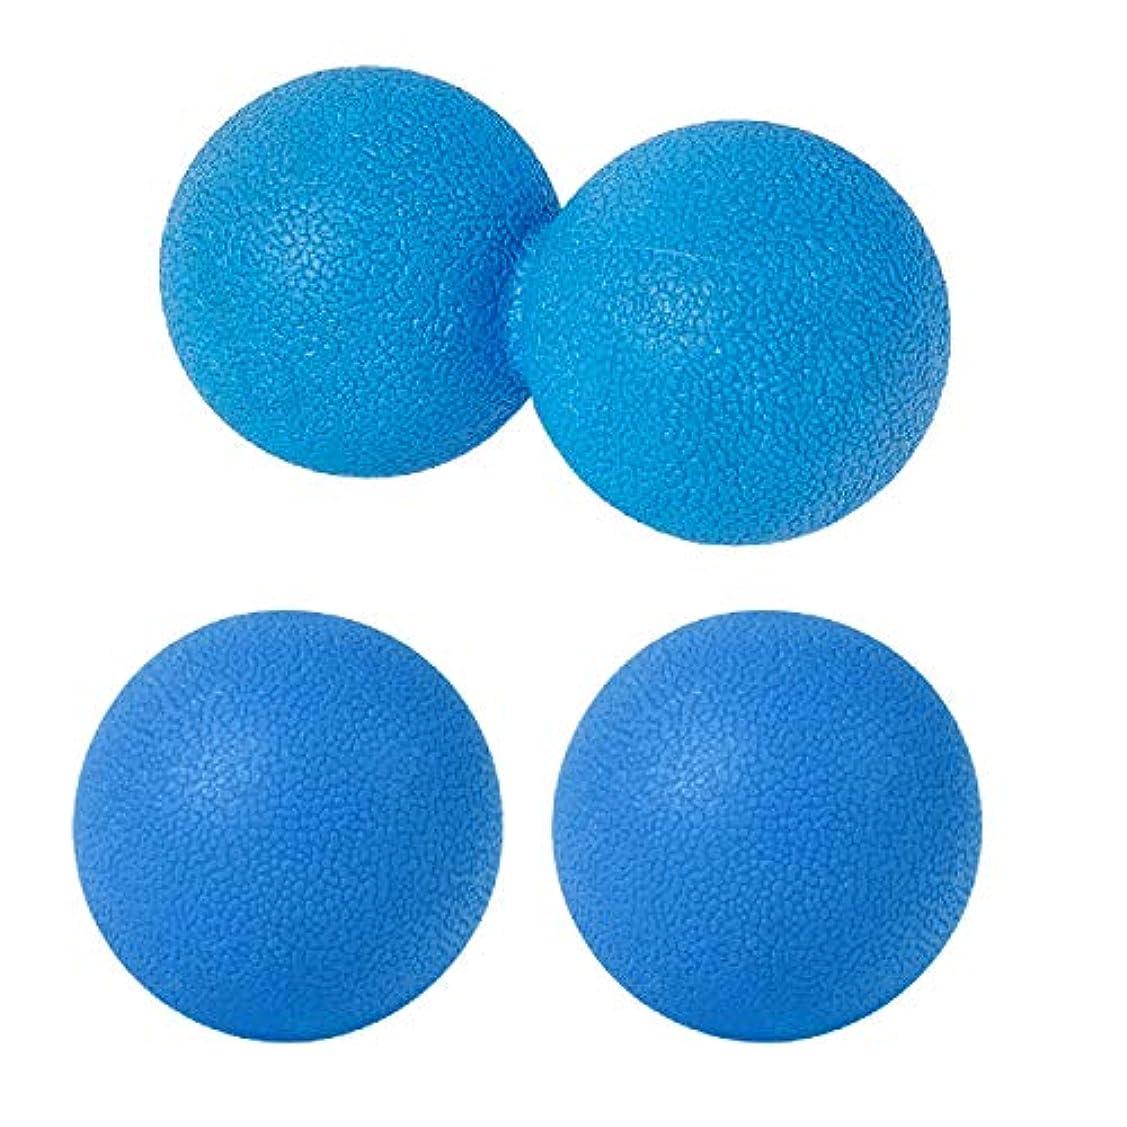 ルーチン取り付けキュービックsac taske マッサージボール ストレッチ ピーナッツ ツボ押し トリガーポイント 3個セット (ブルー)